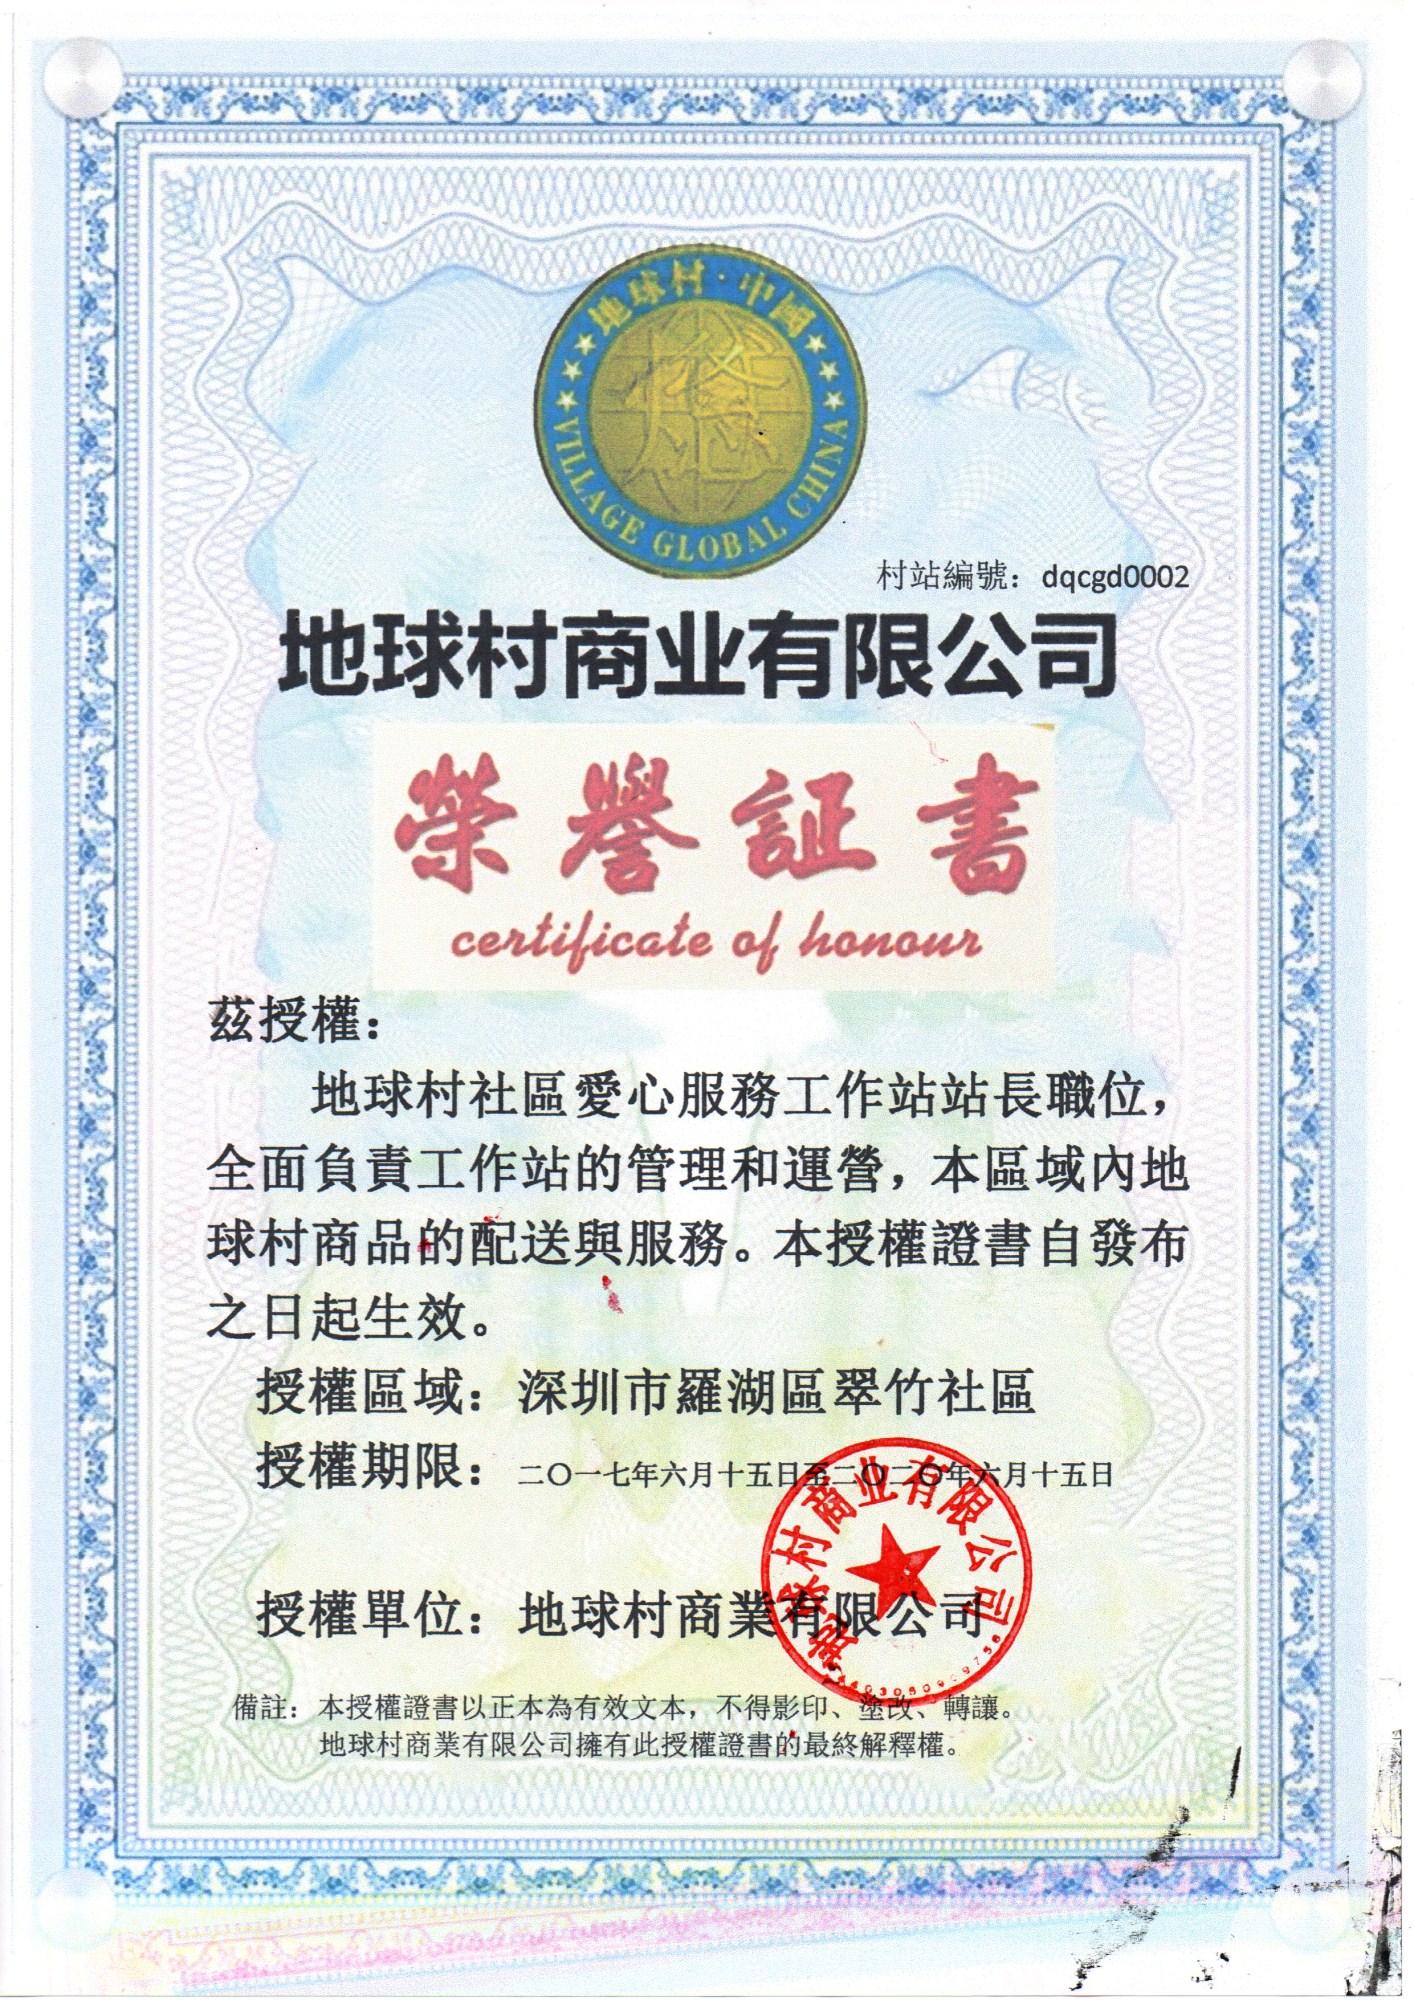 深圳市地球村翠竹社区爱心服务工作站